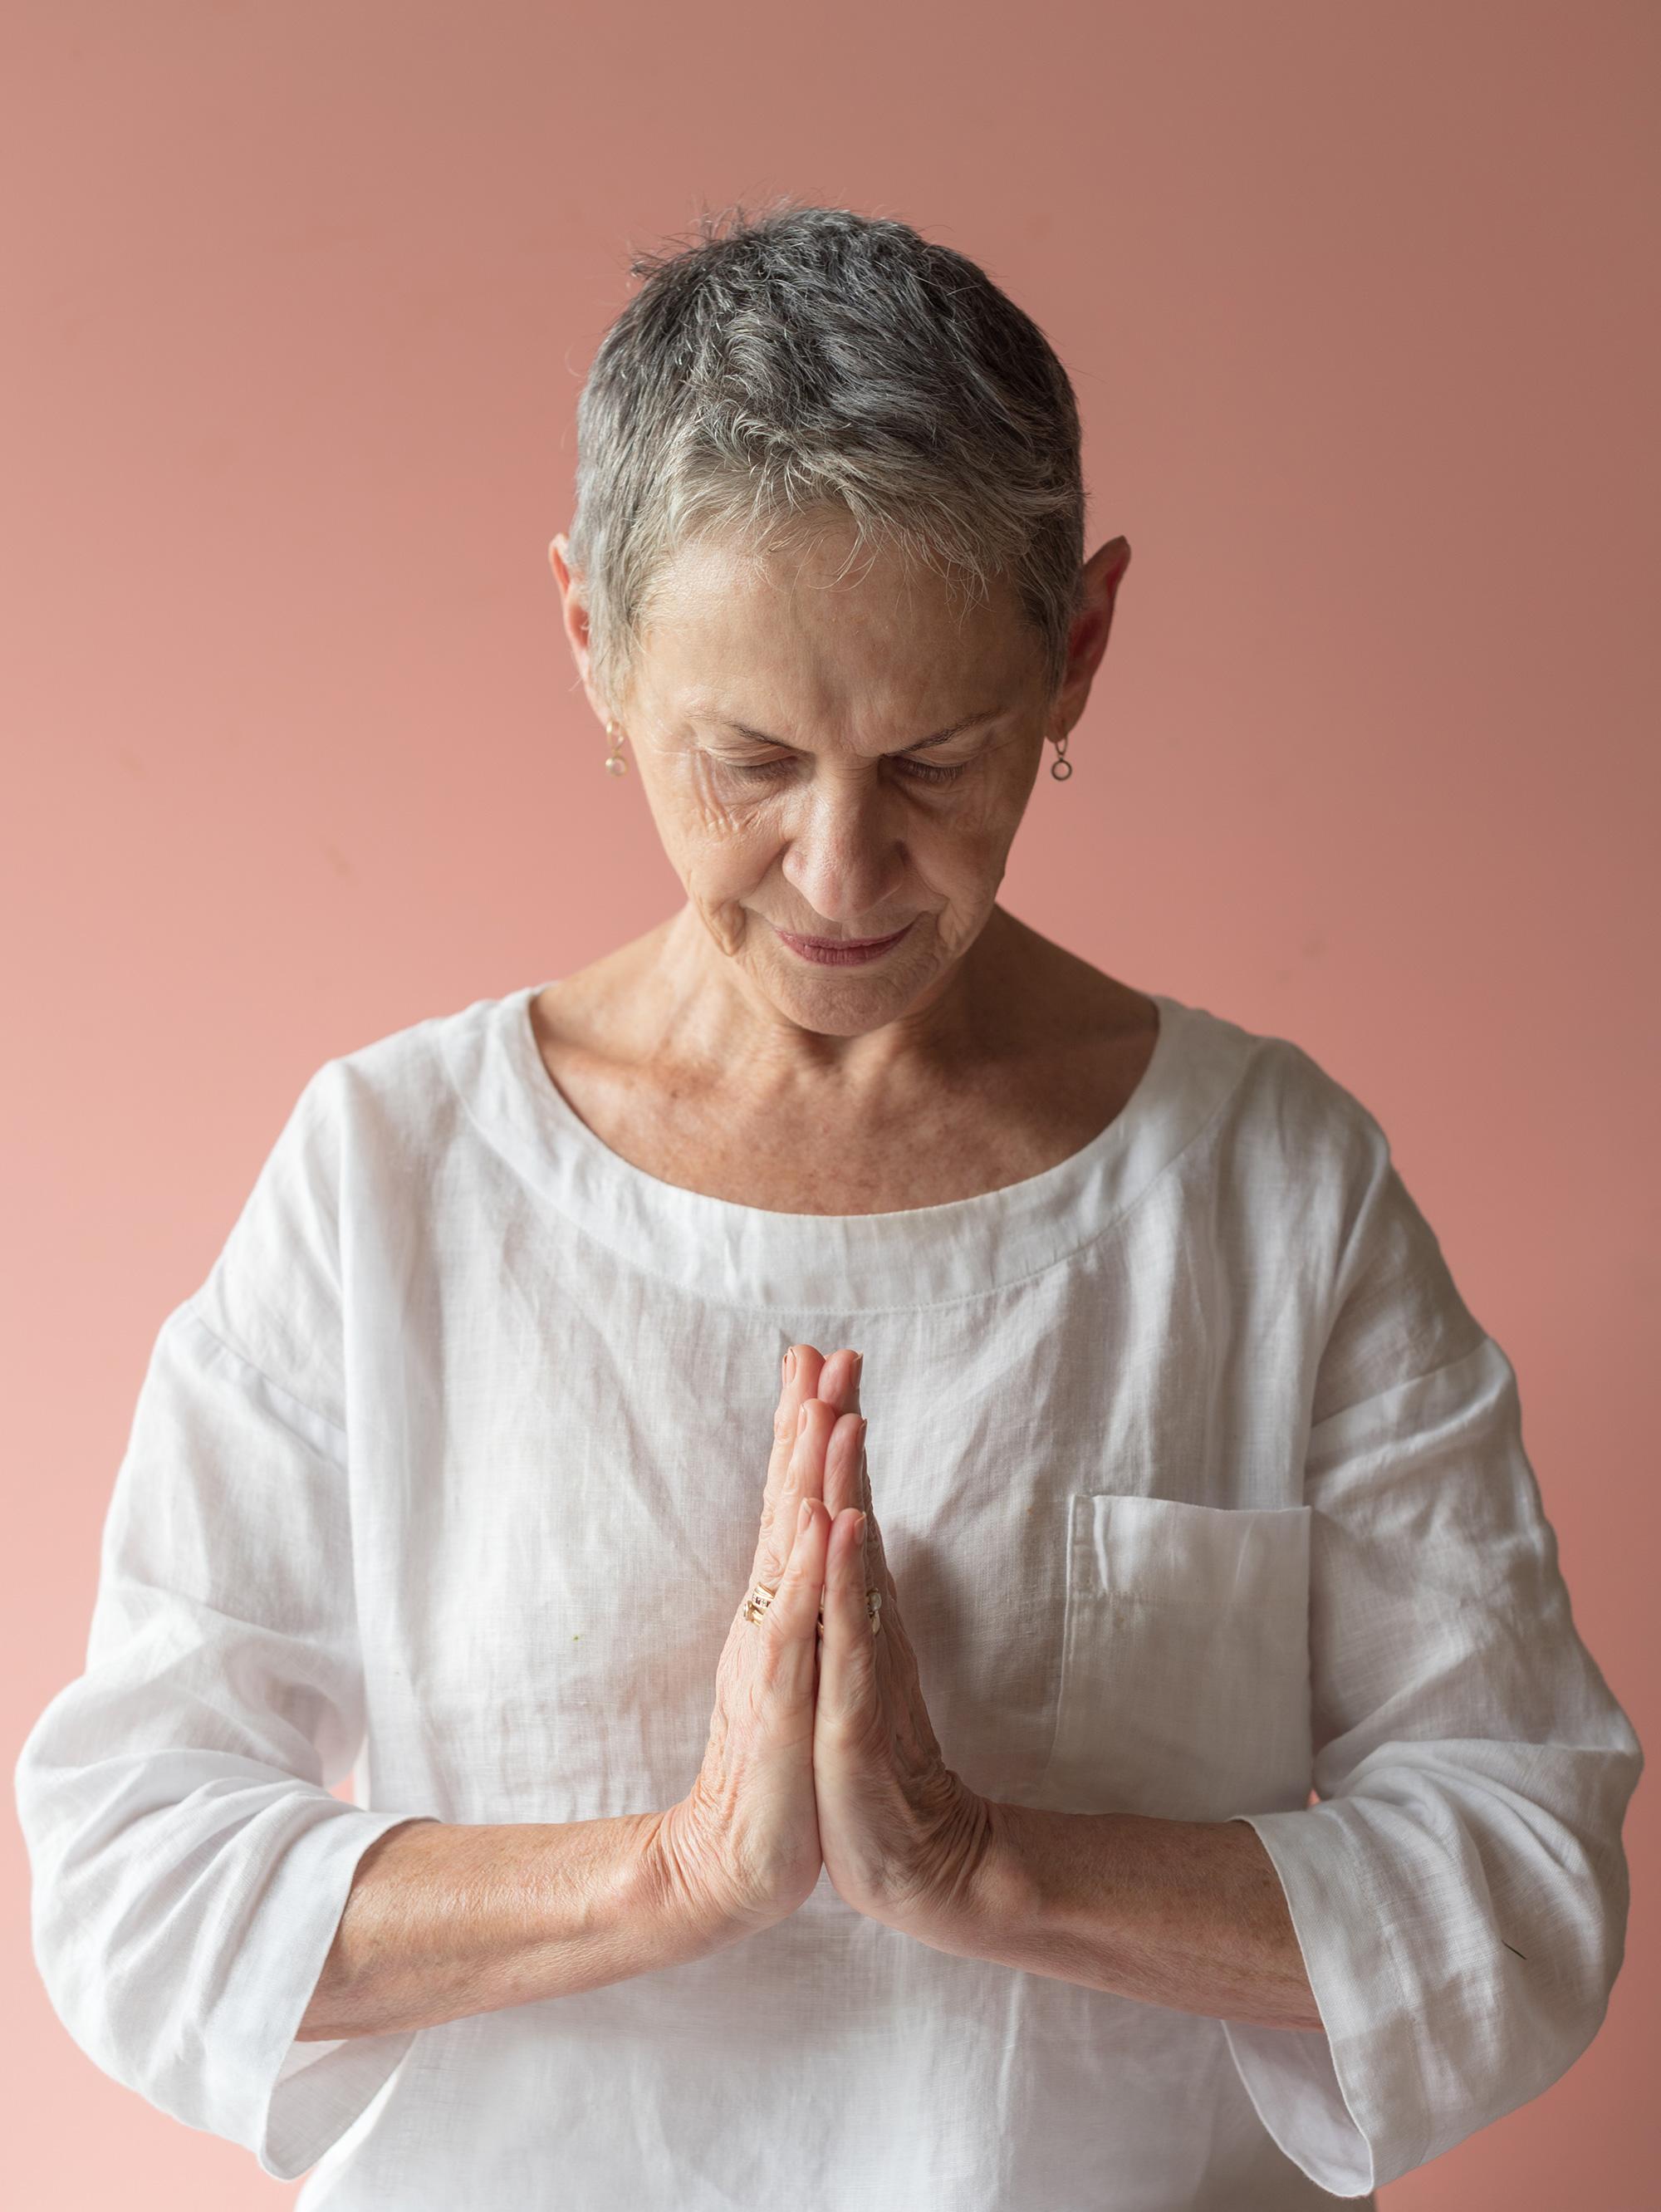 mindfulness-for-elderly.jpg